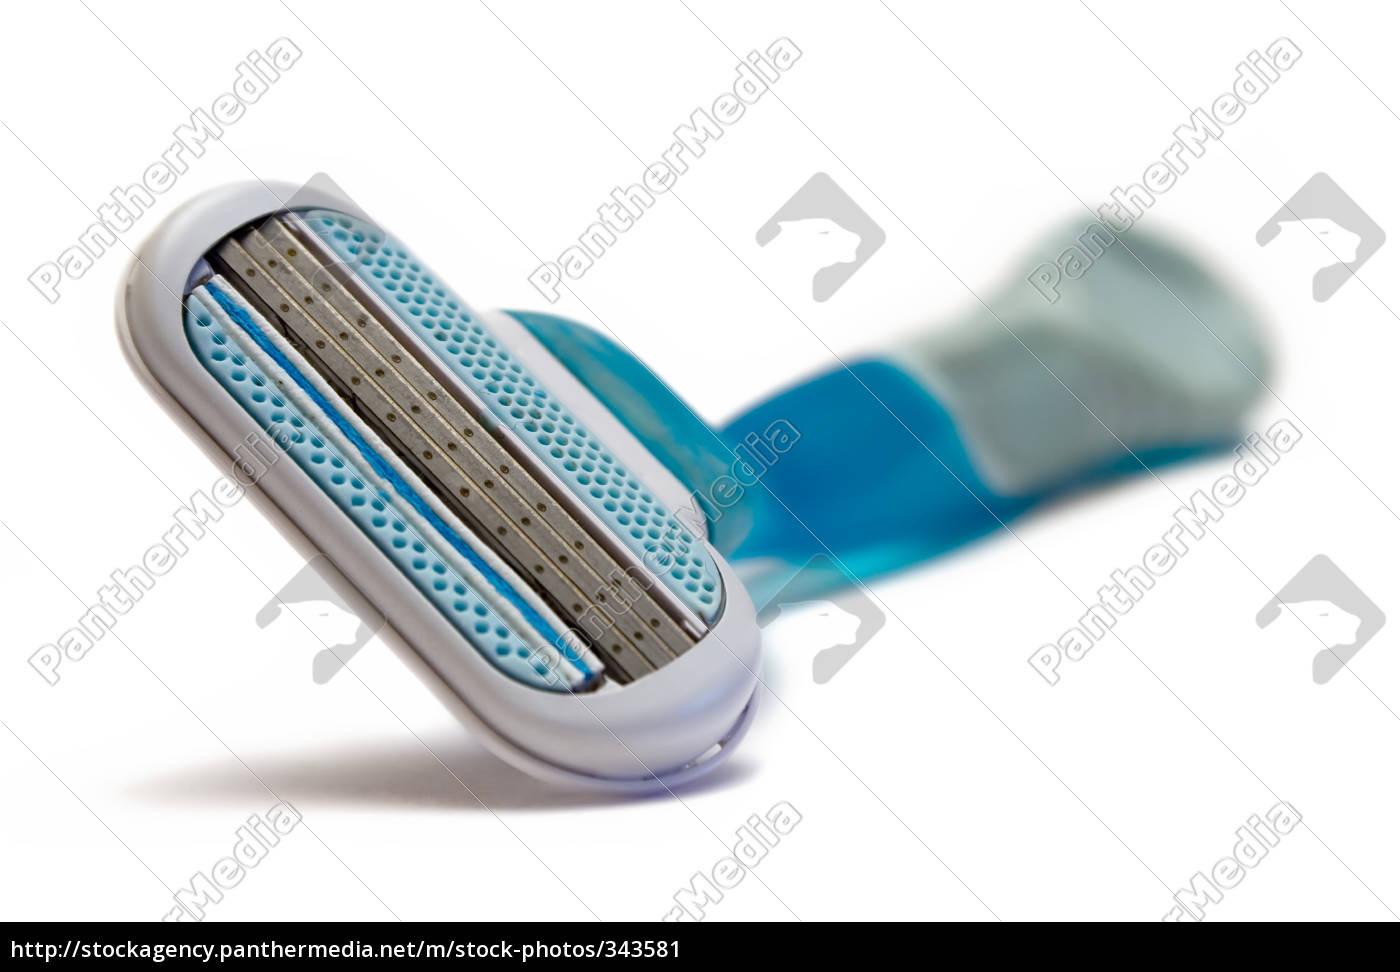 safety, razor - 343581